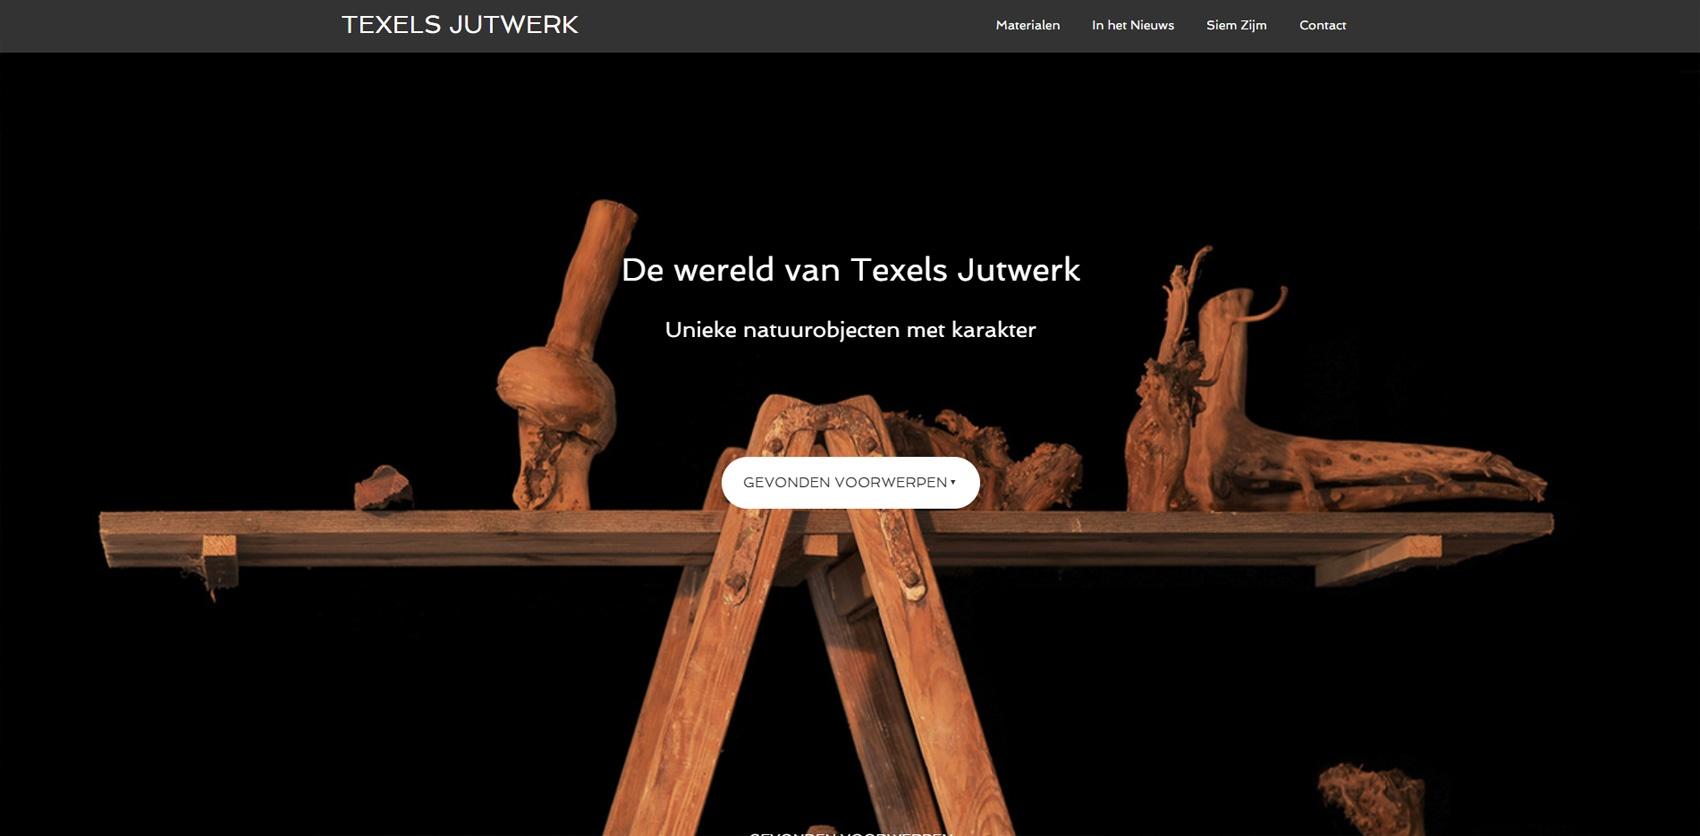 Texels Jutwerk